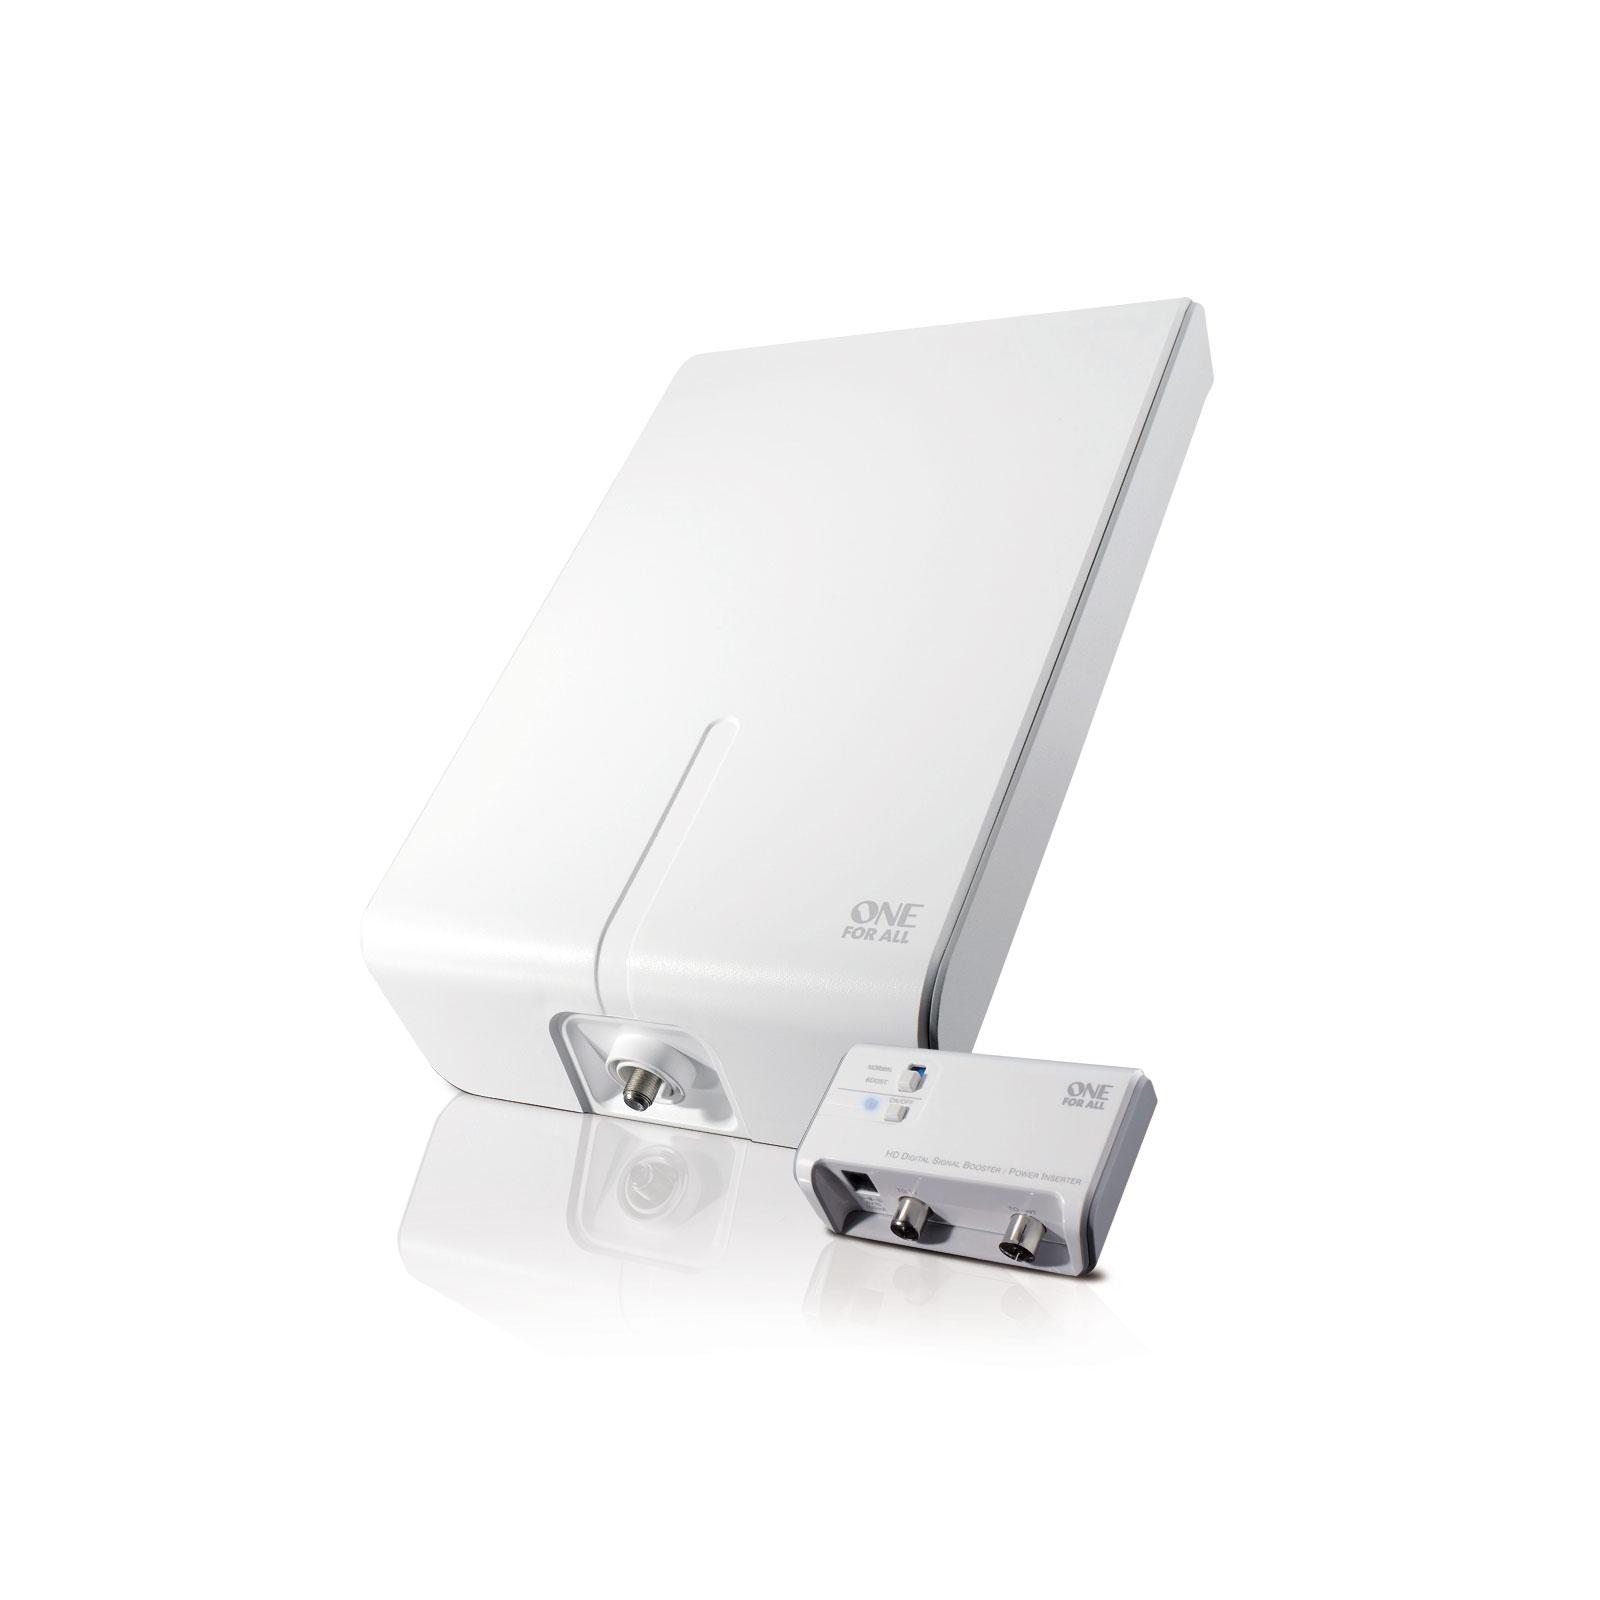 one for all sv 9455 sv 9455 achat vente antenne sur. Black Bedroom Furniture Sets. Home Design Ideas